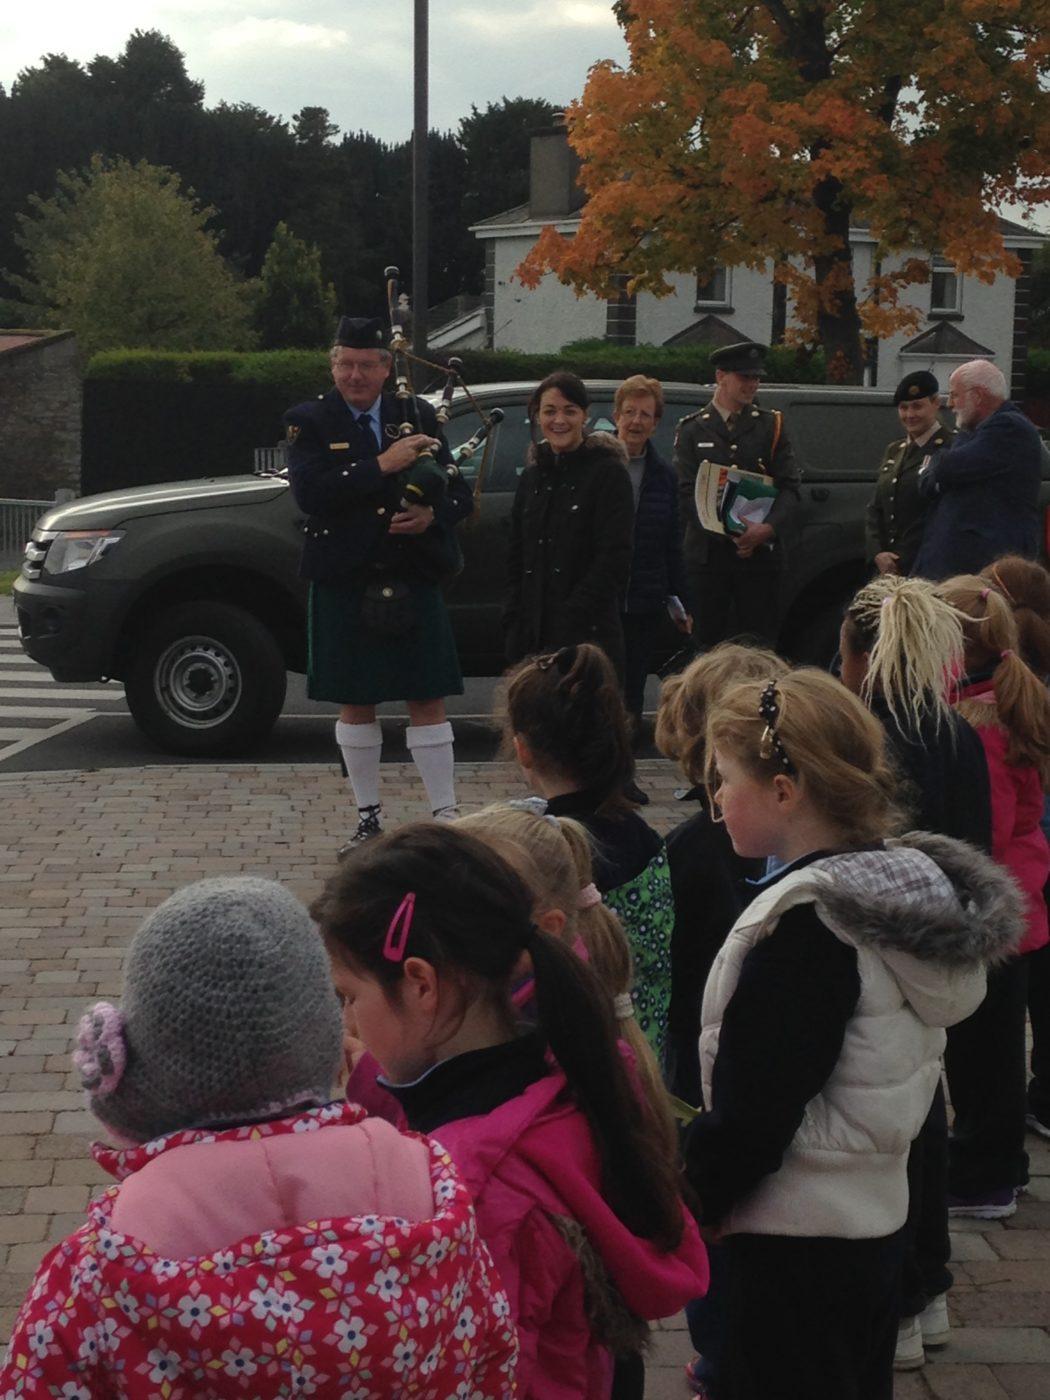 scoil choca receives the irish flag and proclamation scoil chóca